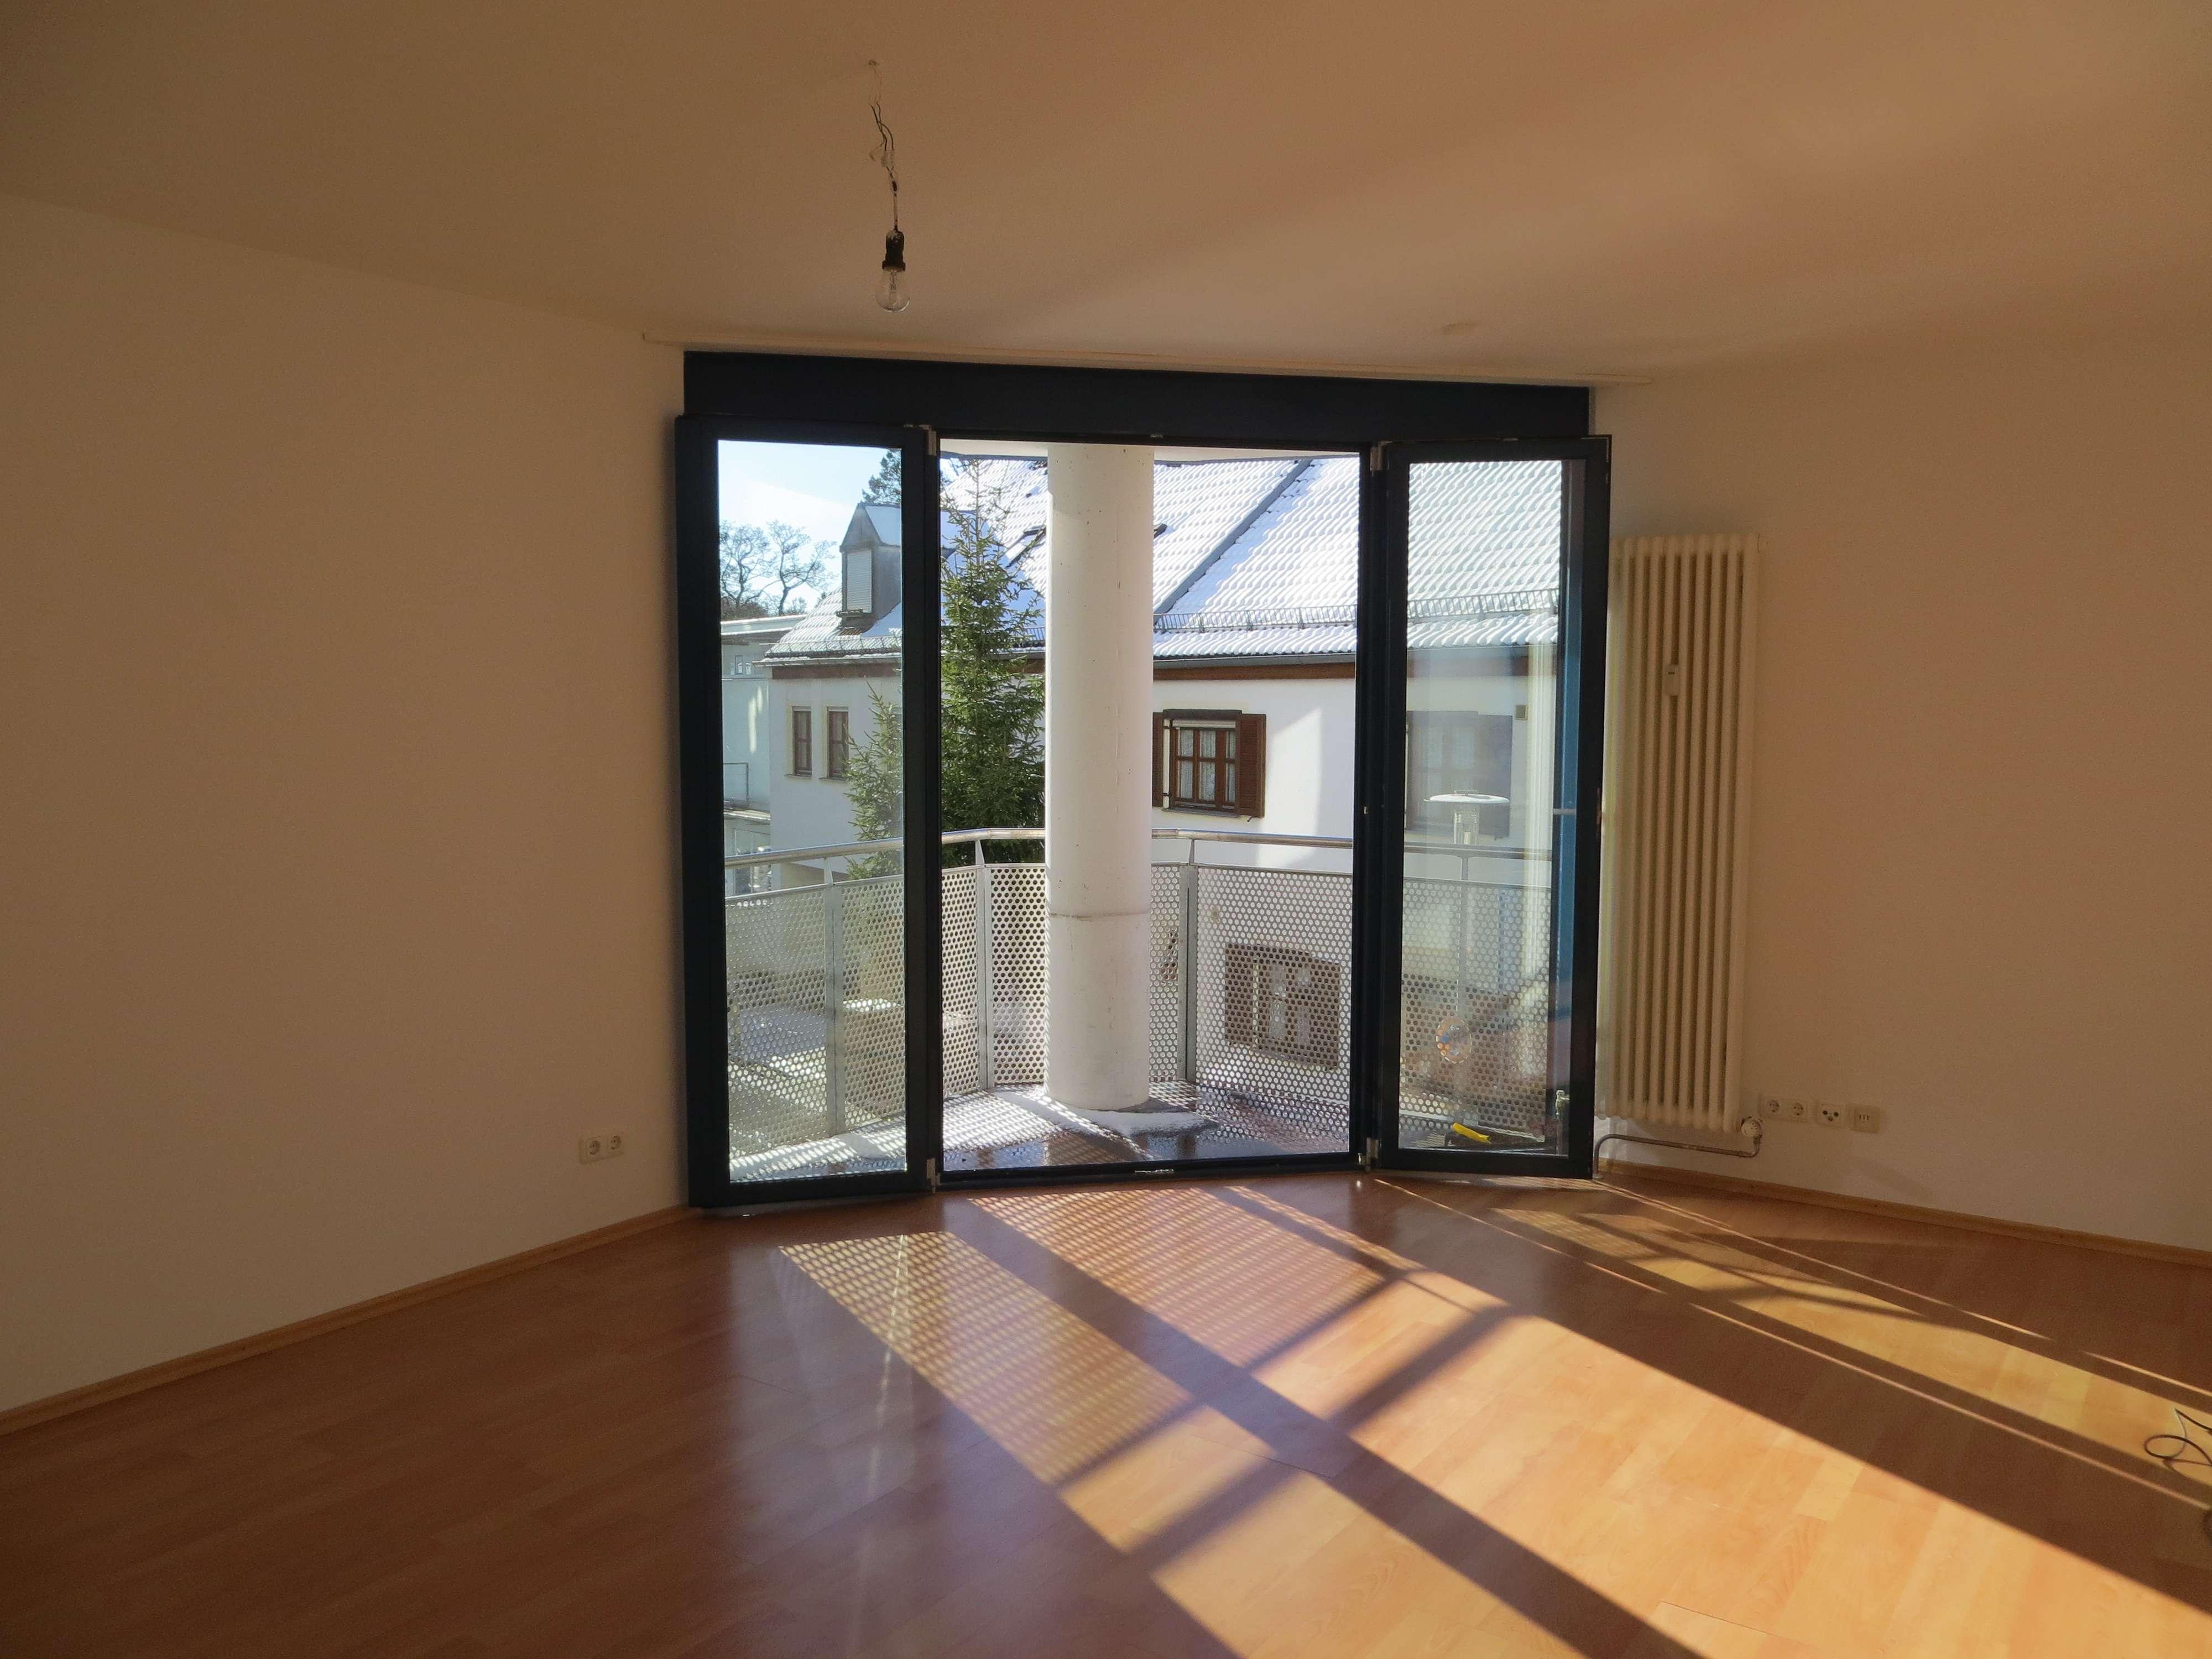 Stilvolle, geräumige und gepflegte 2-Zimmer-Wohnung mit Balkon und EBK in Fürstenfeldbruck